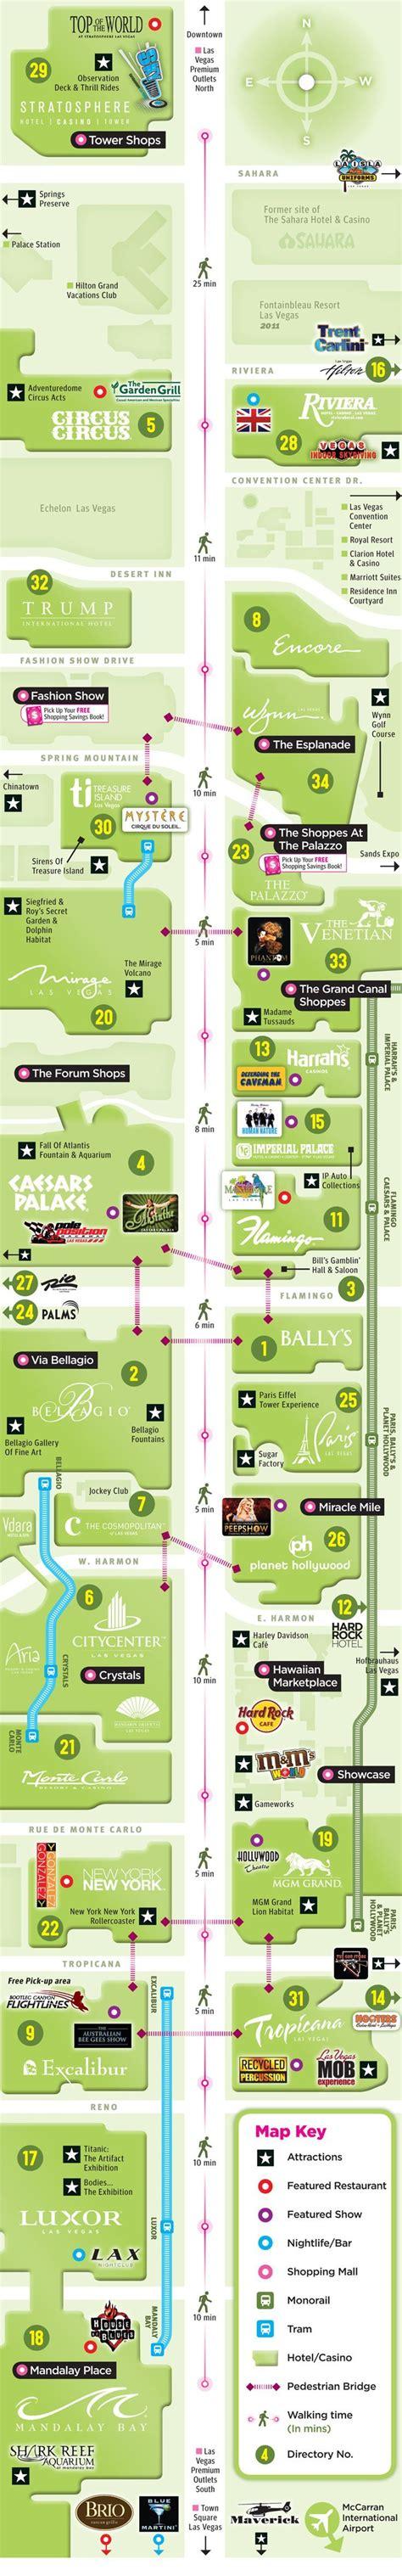 Las vegas strip map jpg 736x4713